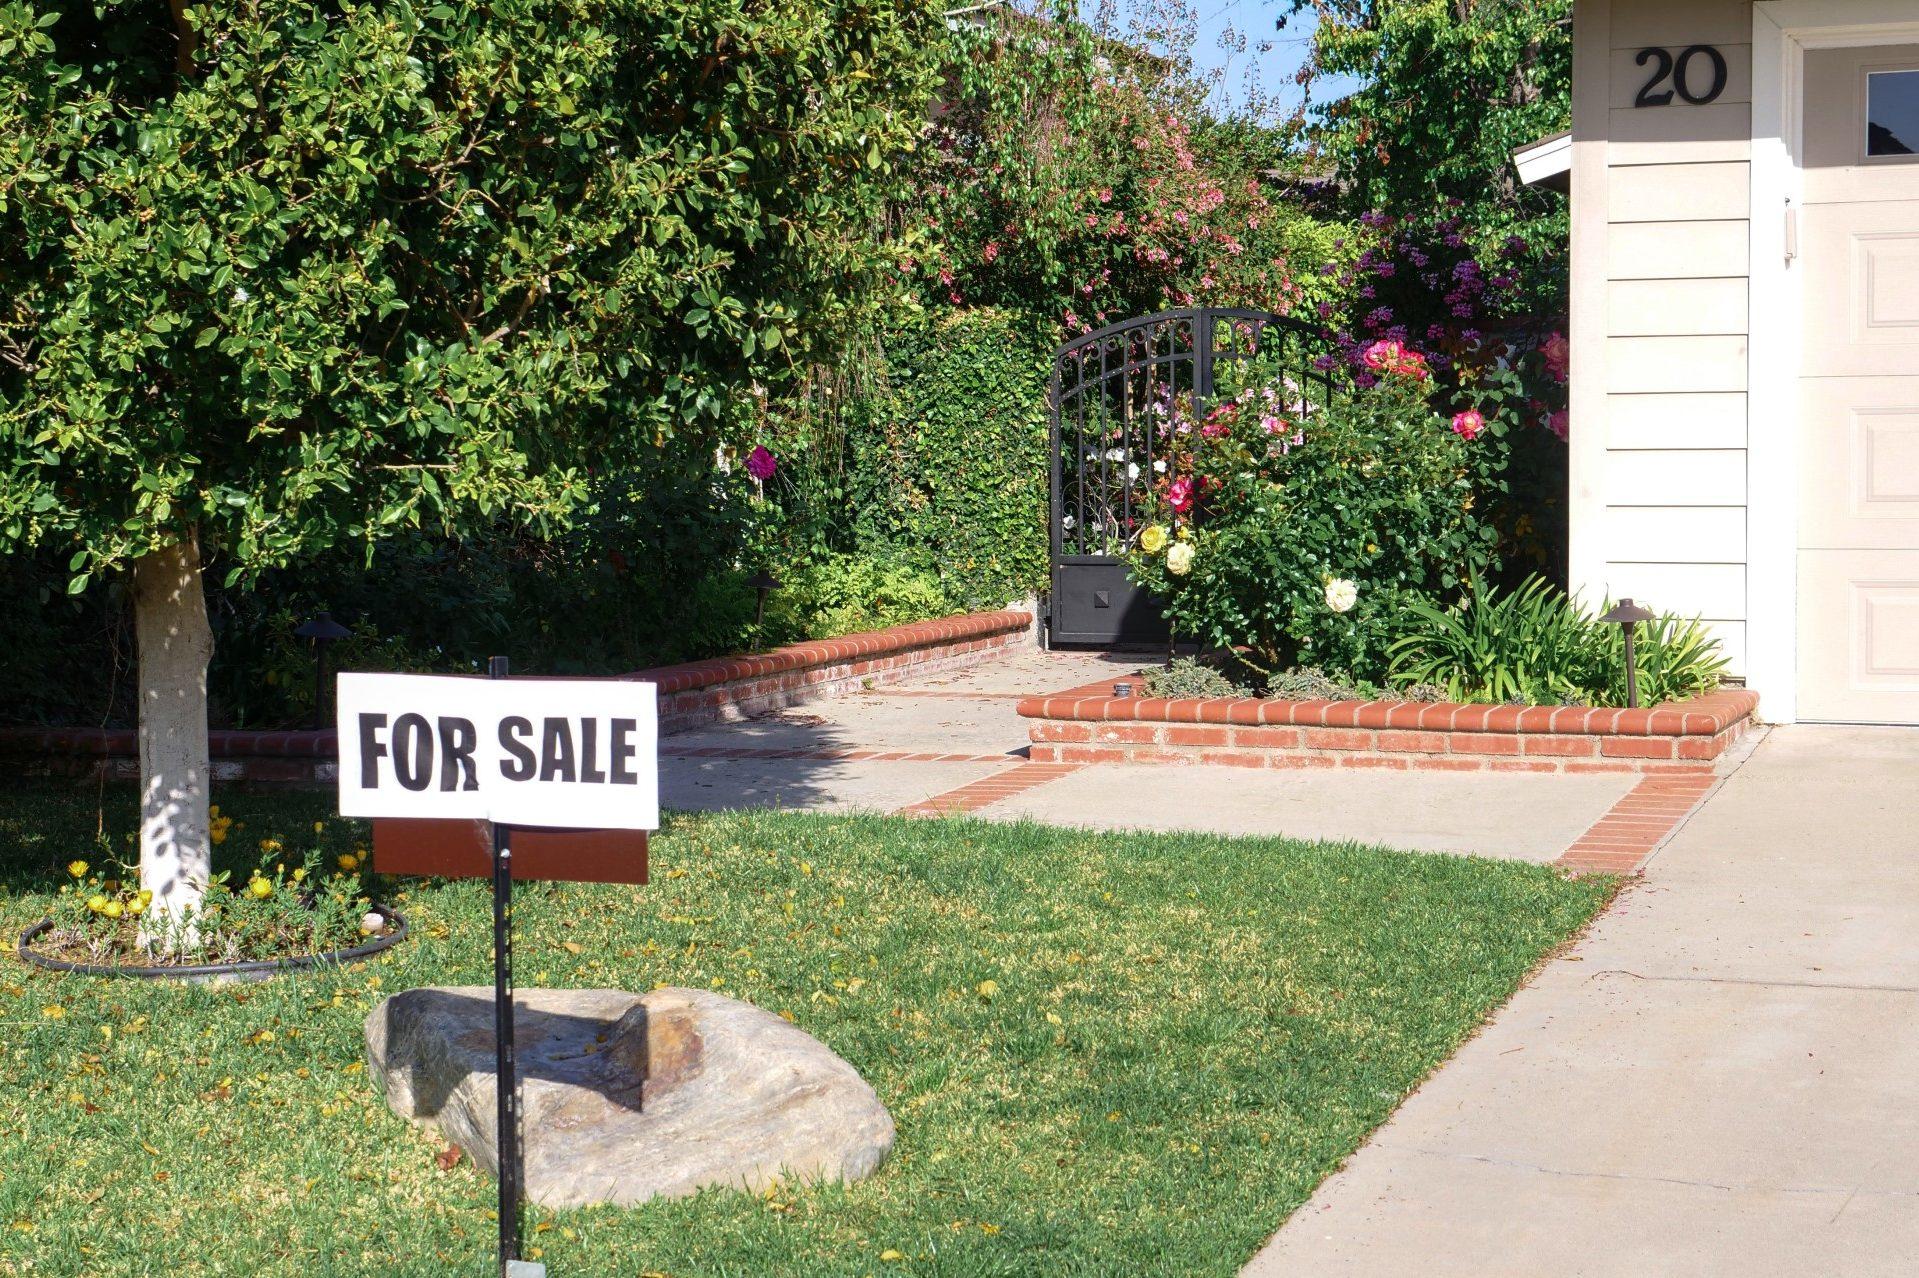 Langzeitprojekt beim Kunden: Kaufen, mieten oder ins Hotel? (Gastbeitrag)